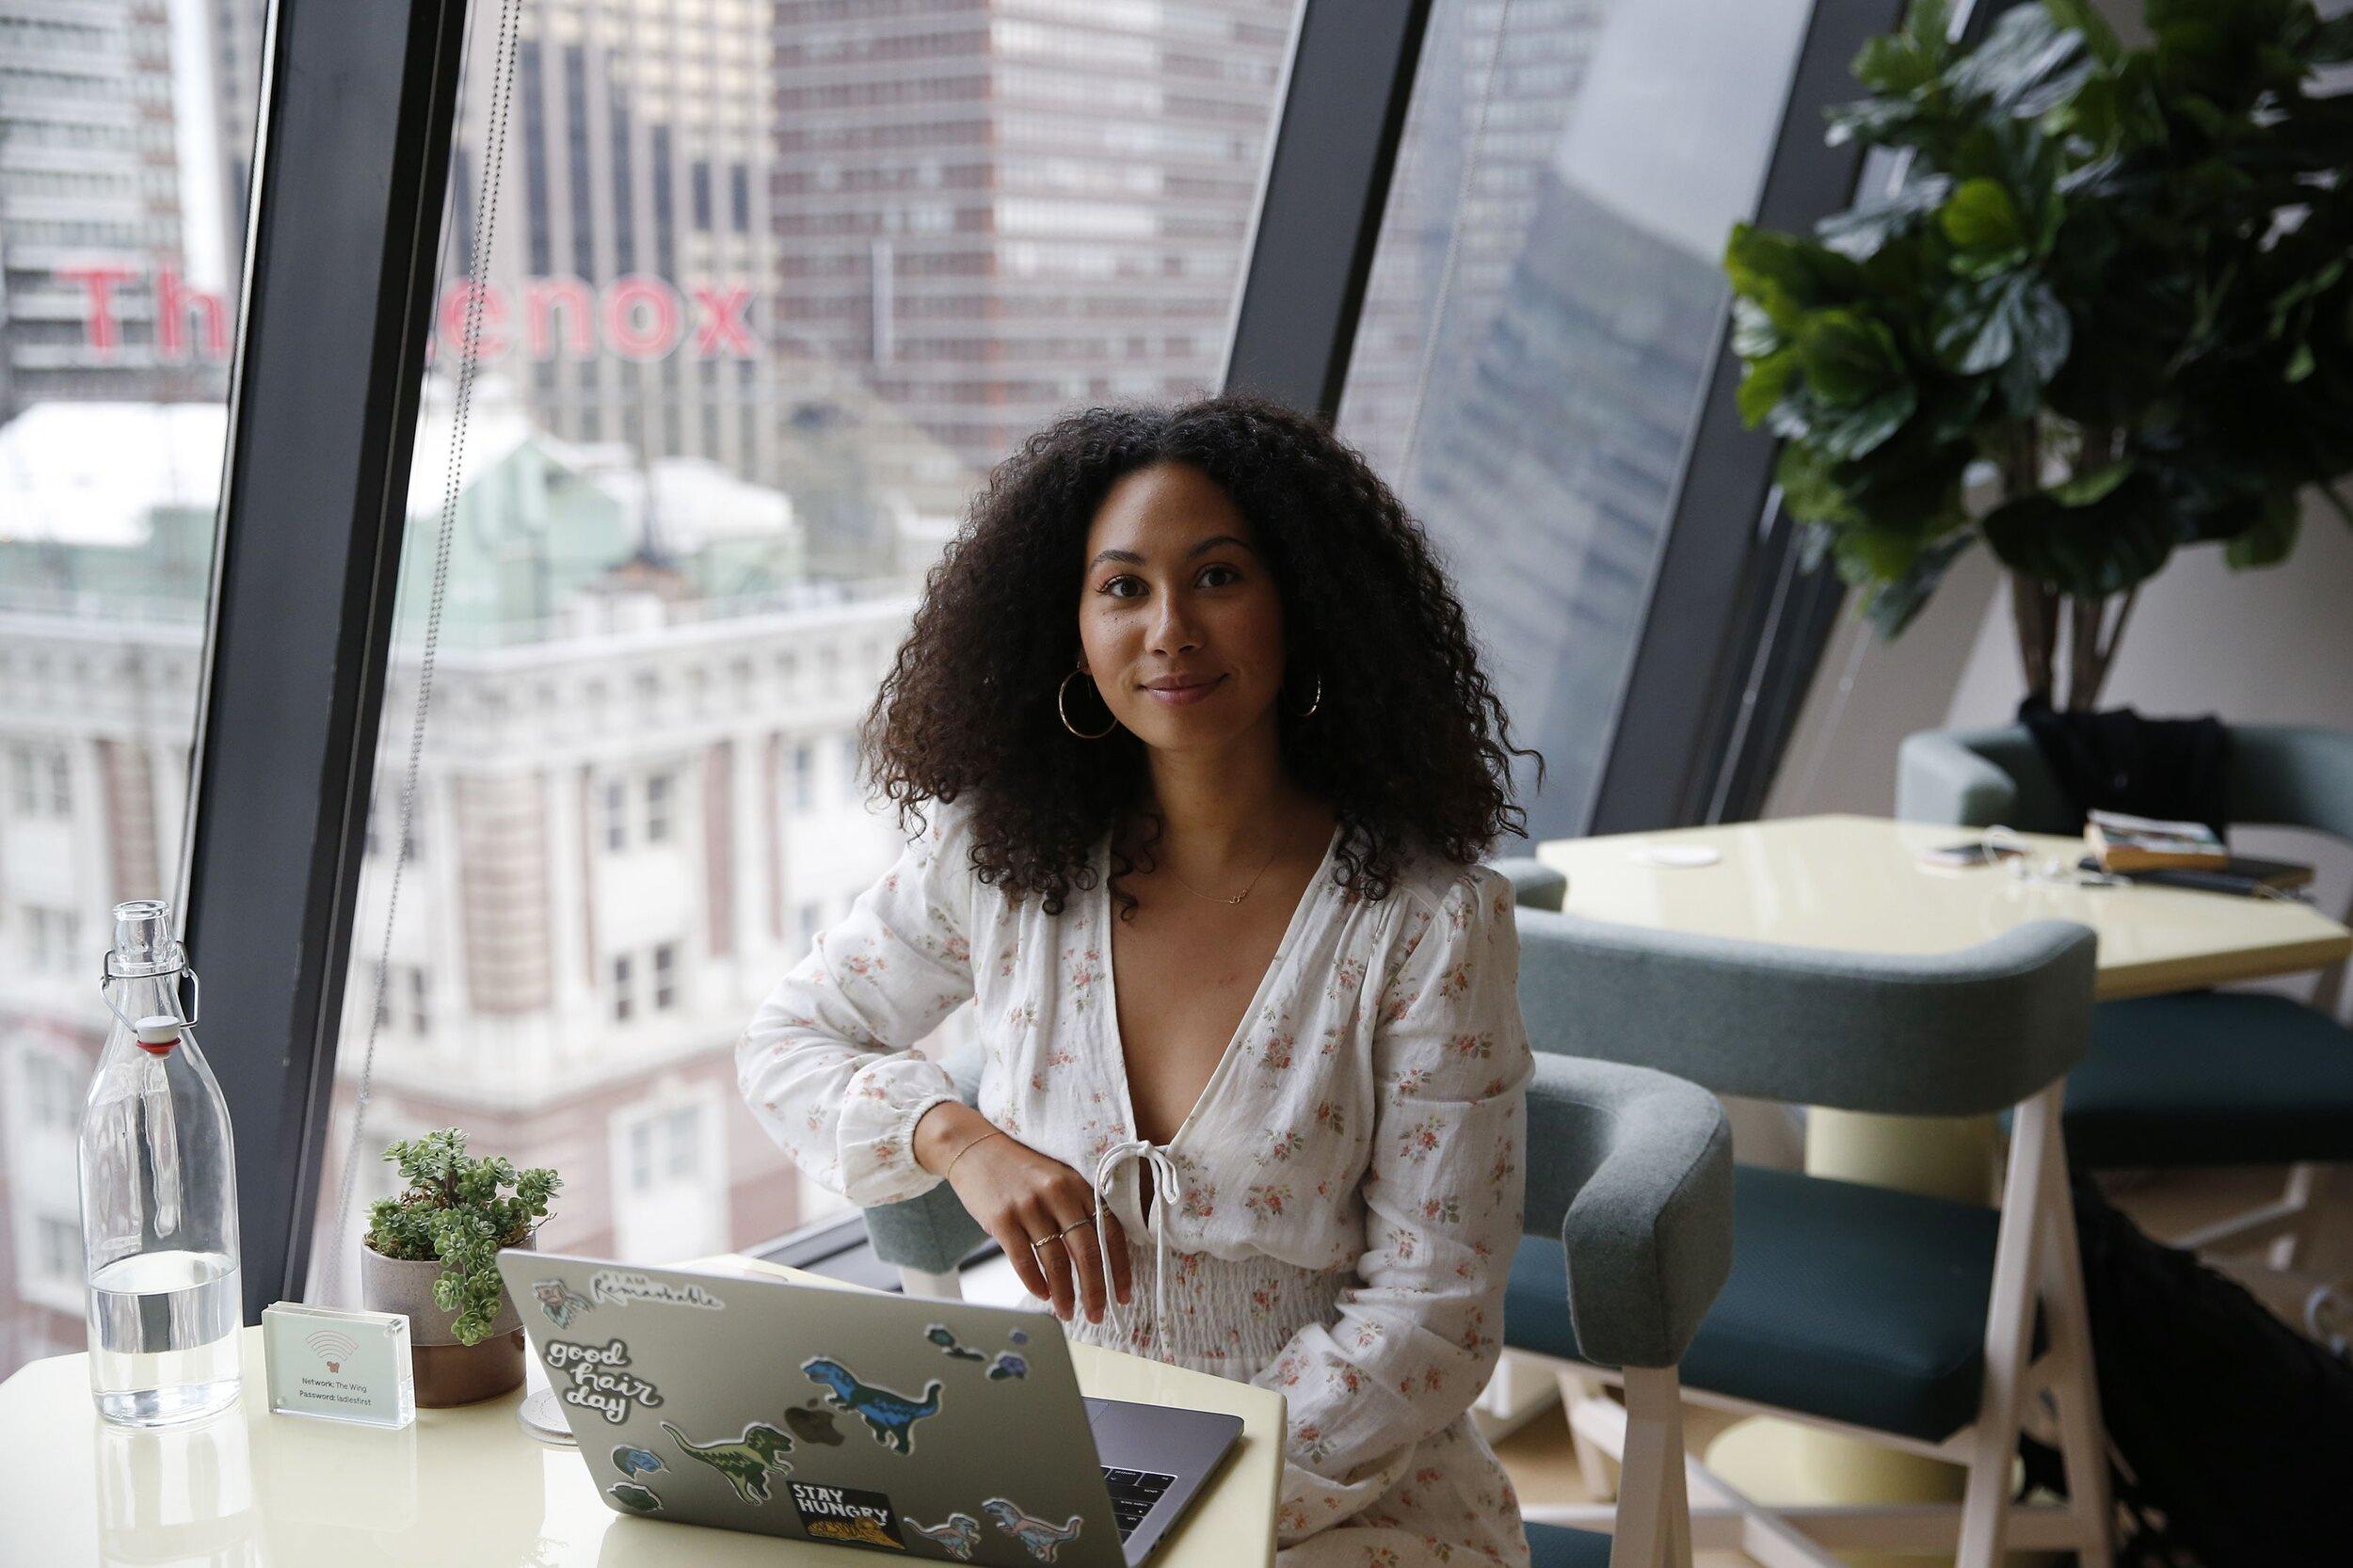 Bianca_Maxwell_Harris _Founder_Headshot_Skinary_App_Watch_the_Women.jpg